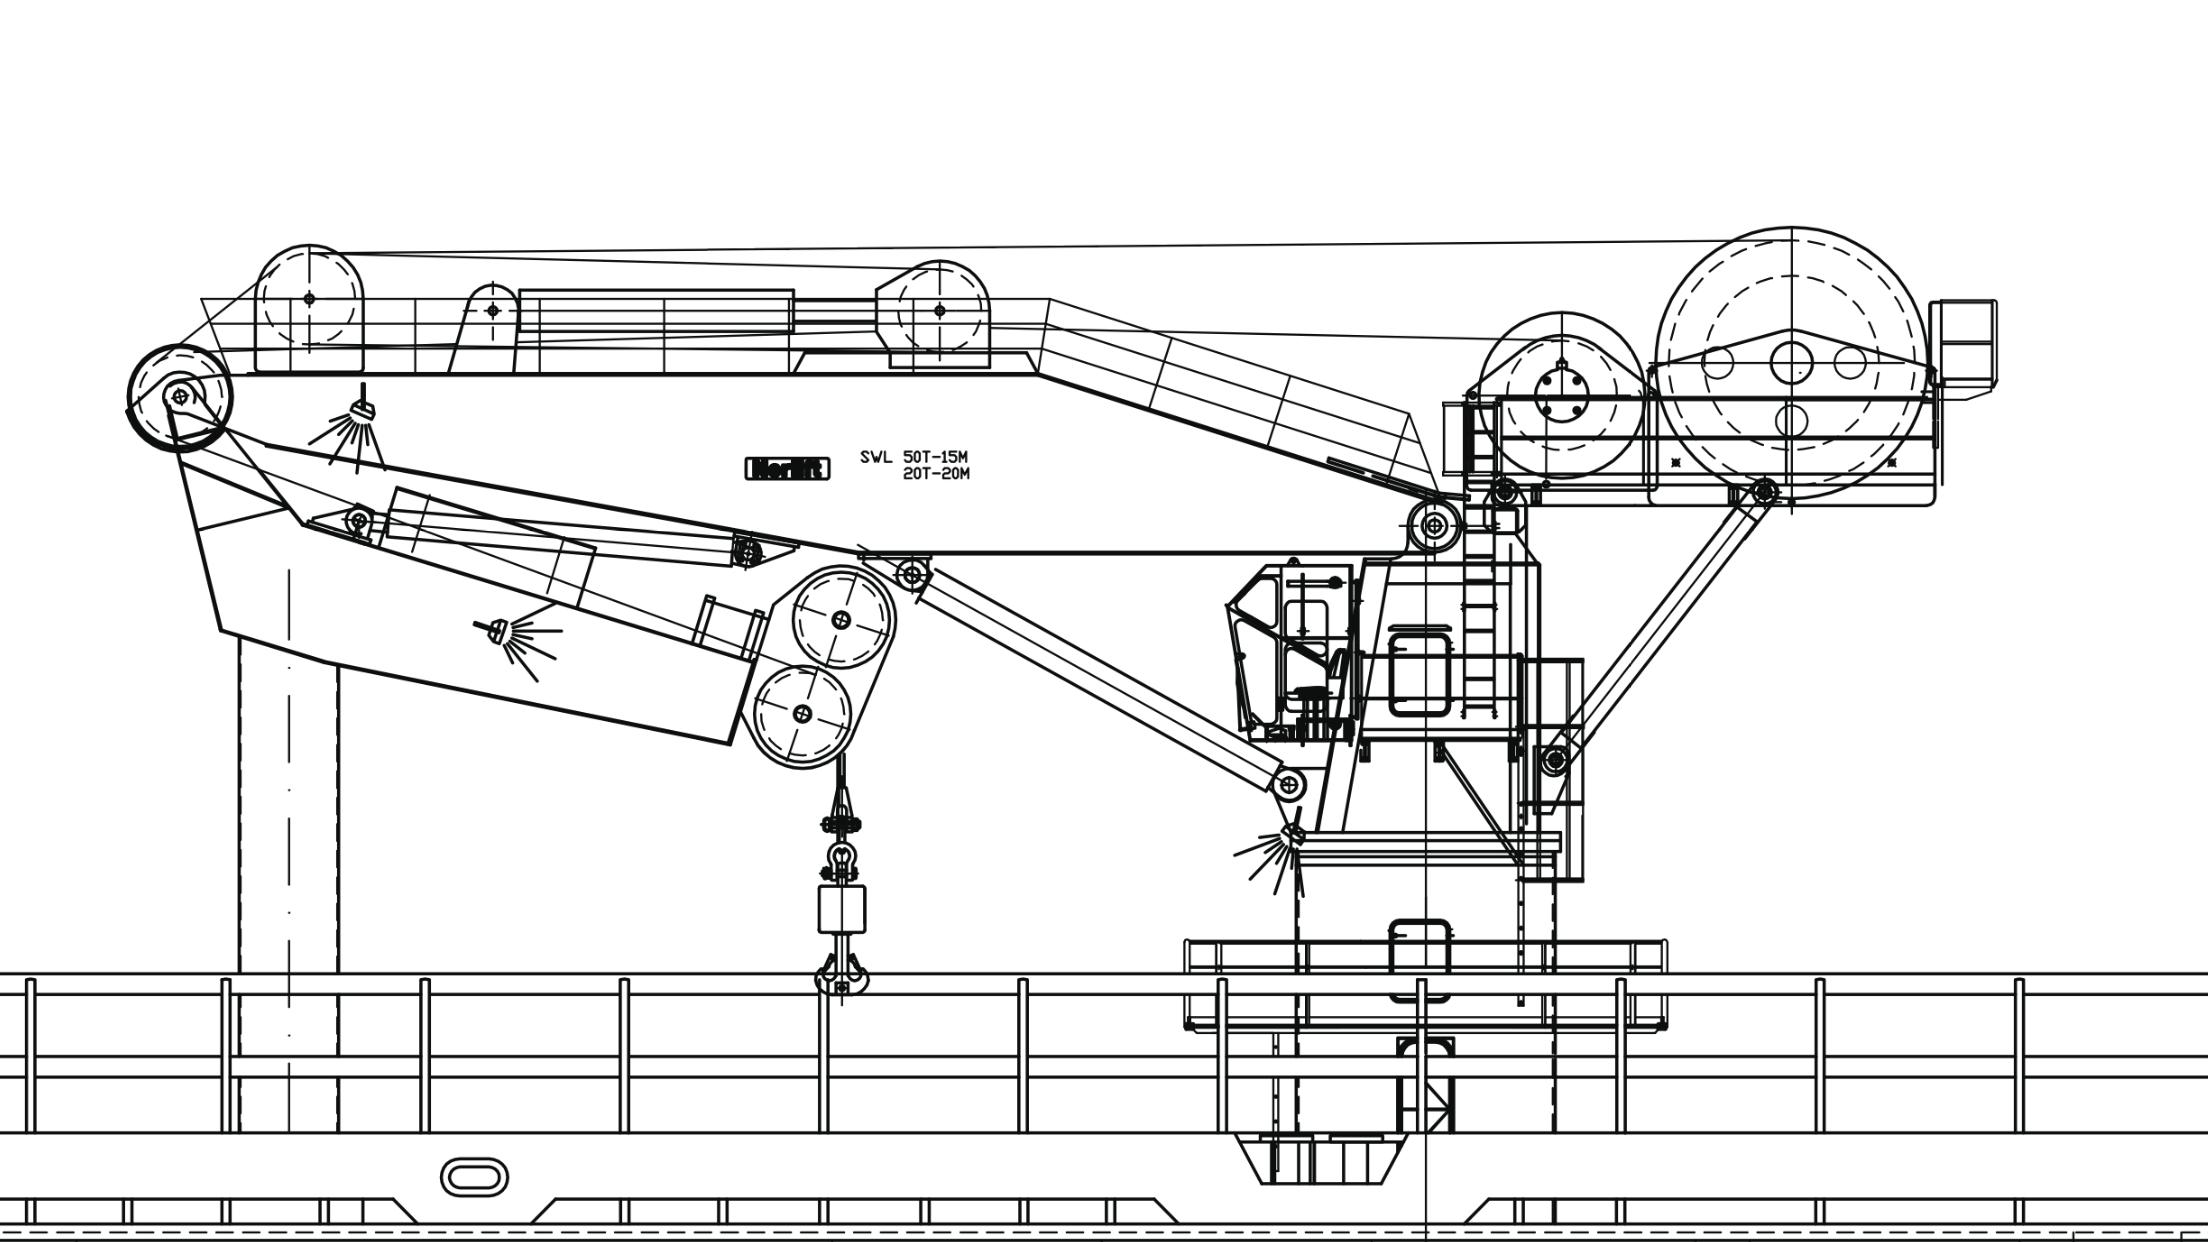 TTS Nordlift, 50 ton SWL